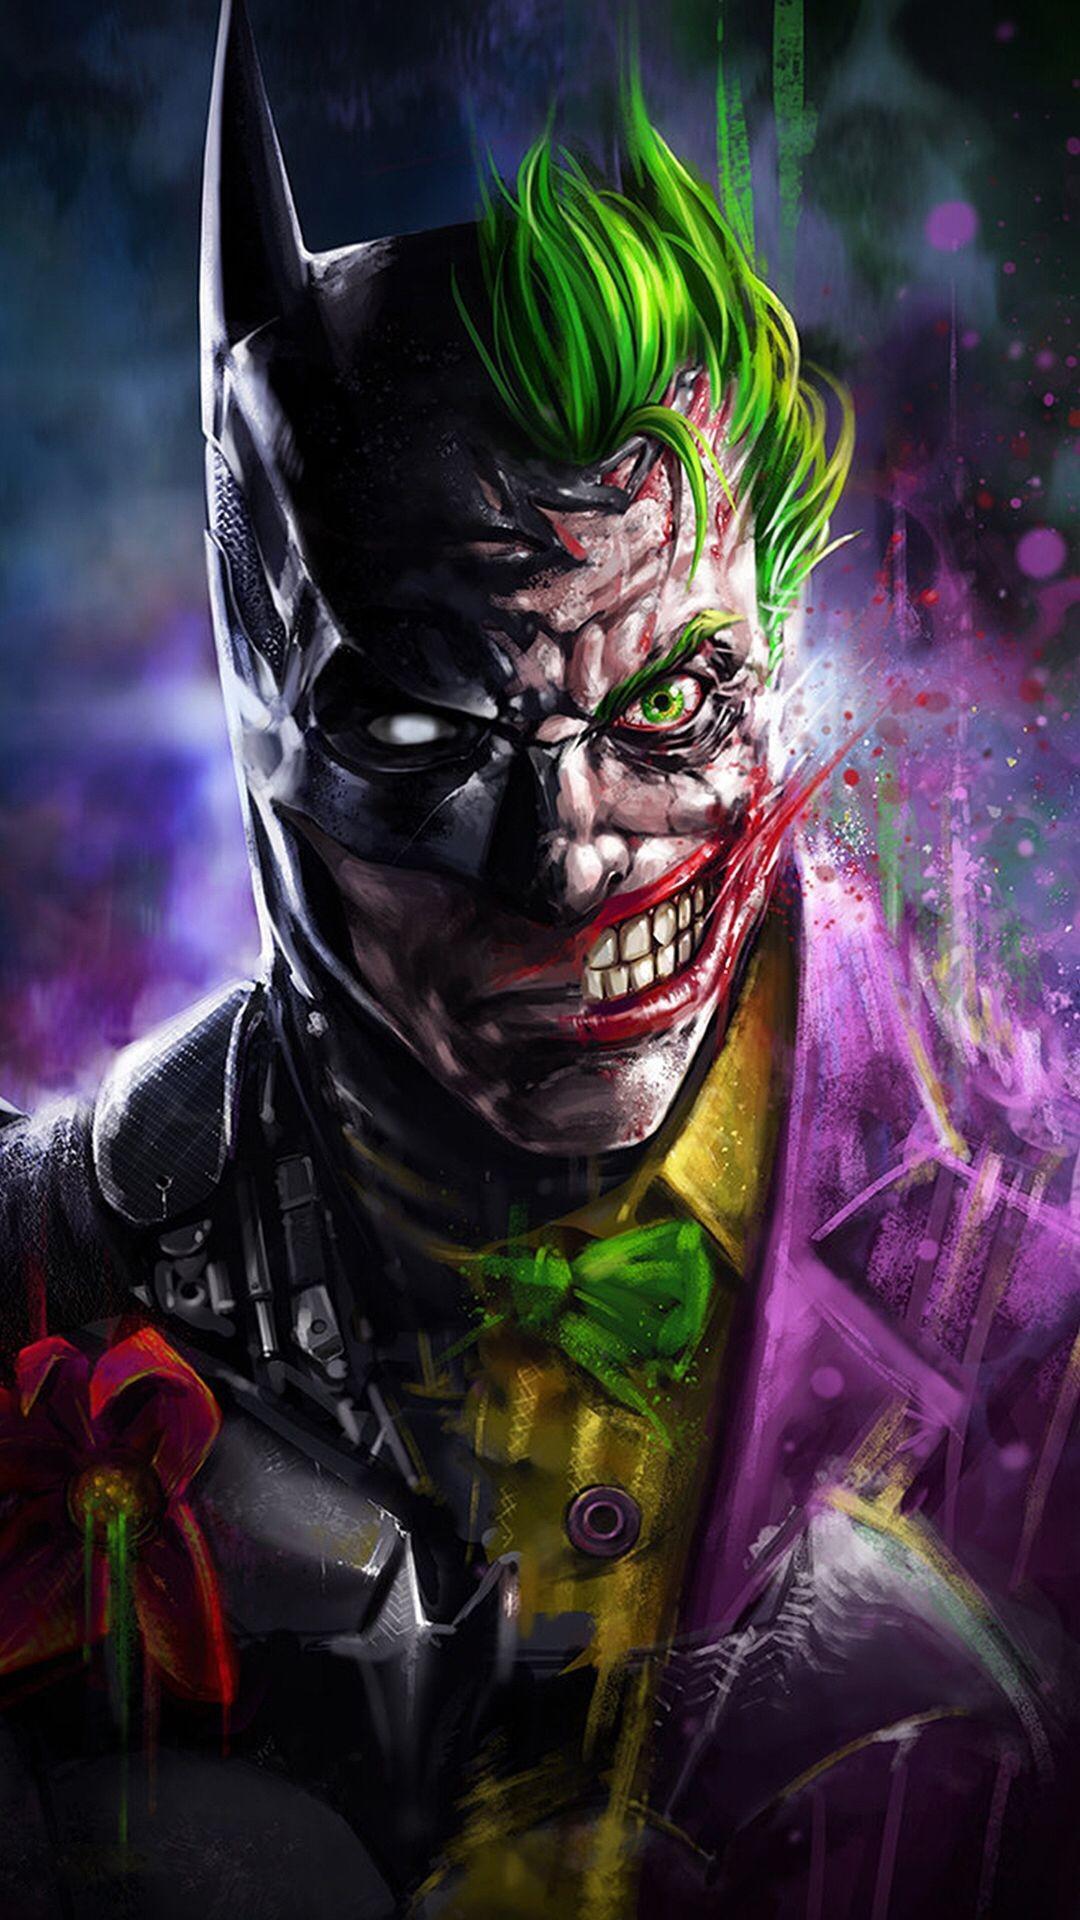 Joker Joker Hd Wallpaper For Iphone Hd Wallpapers - Batman And Joker Face , HD Wallpaper & Backgrounds